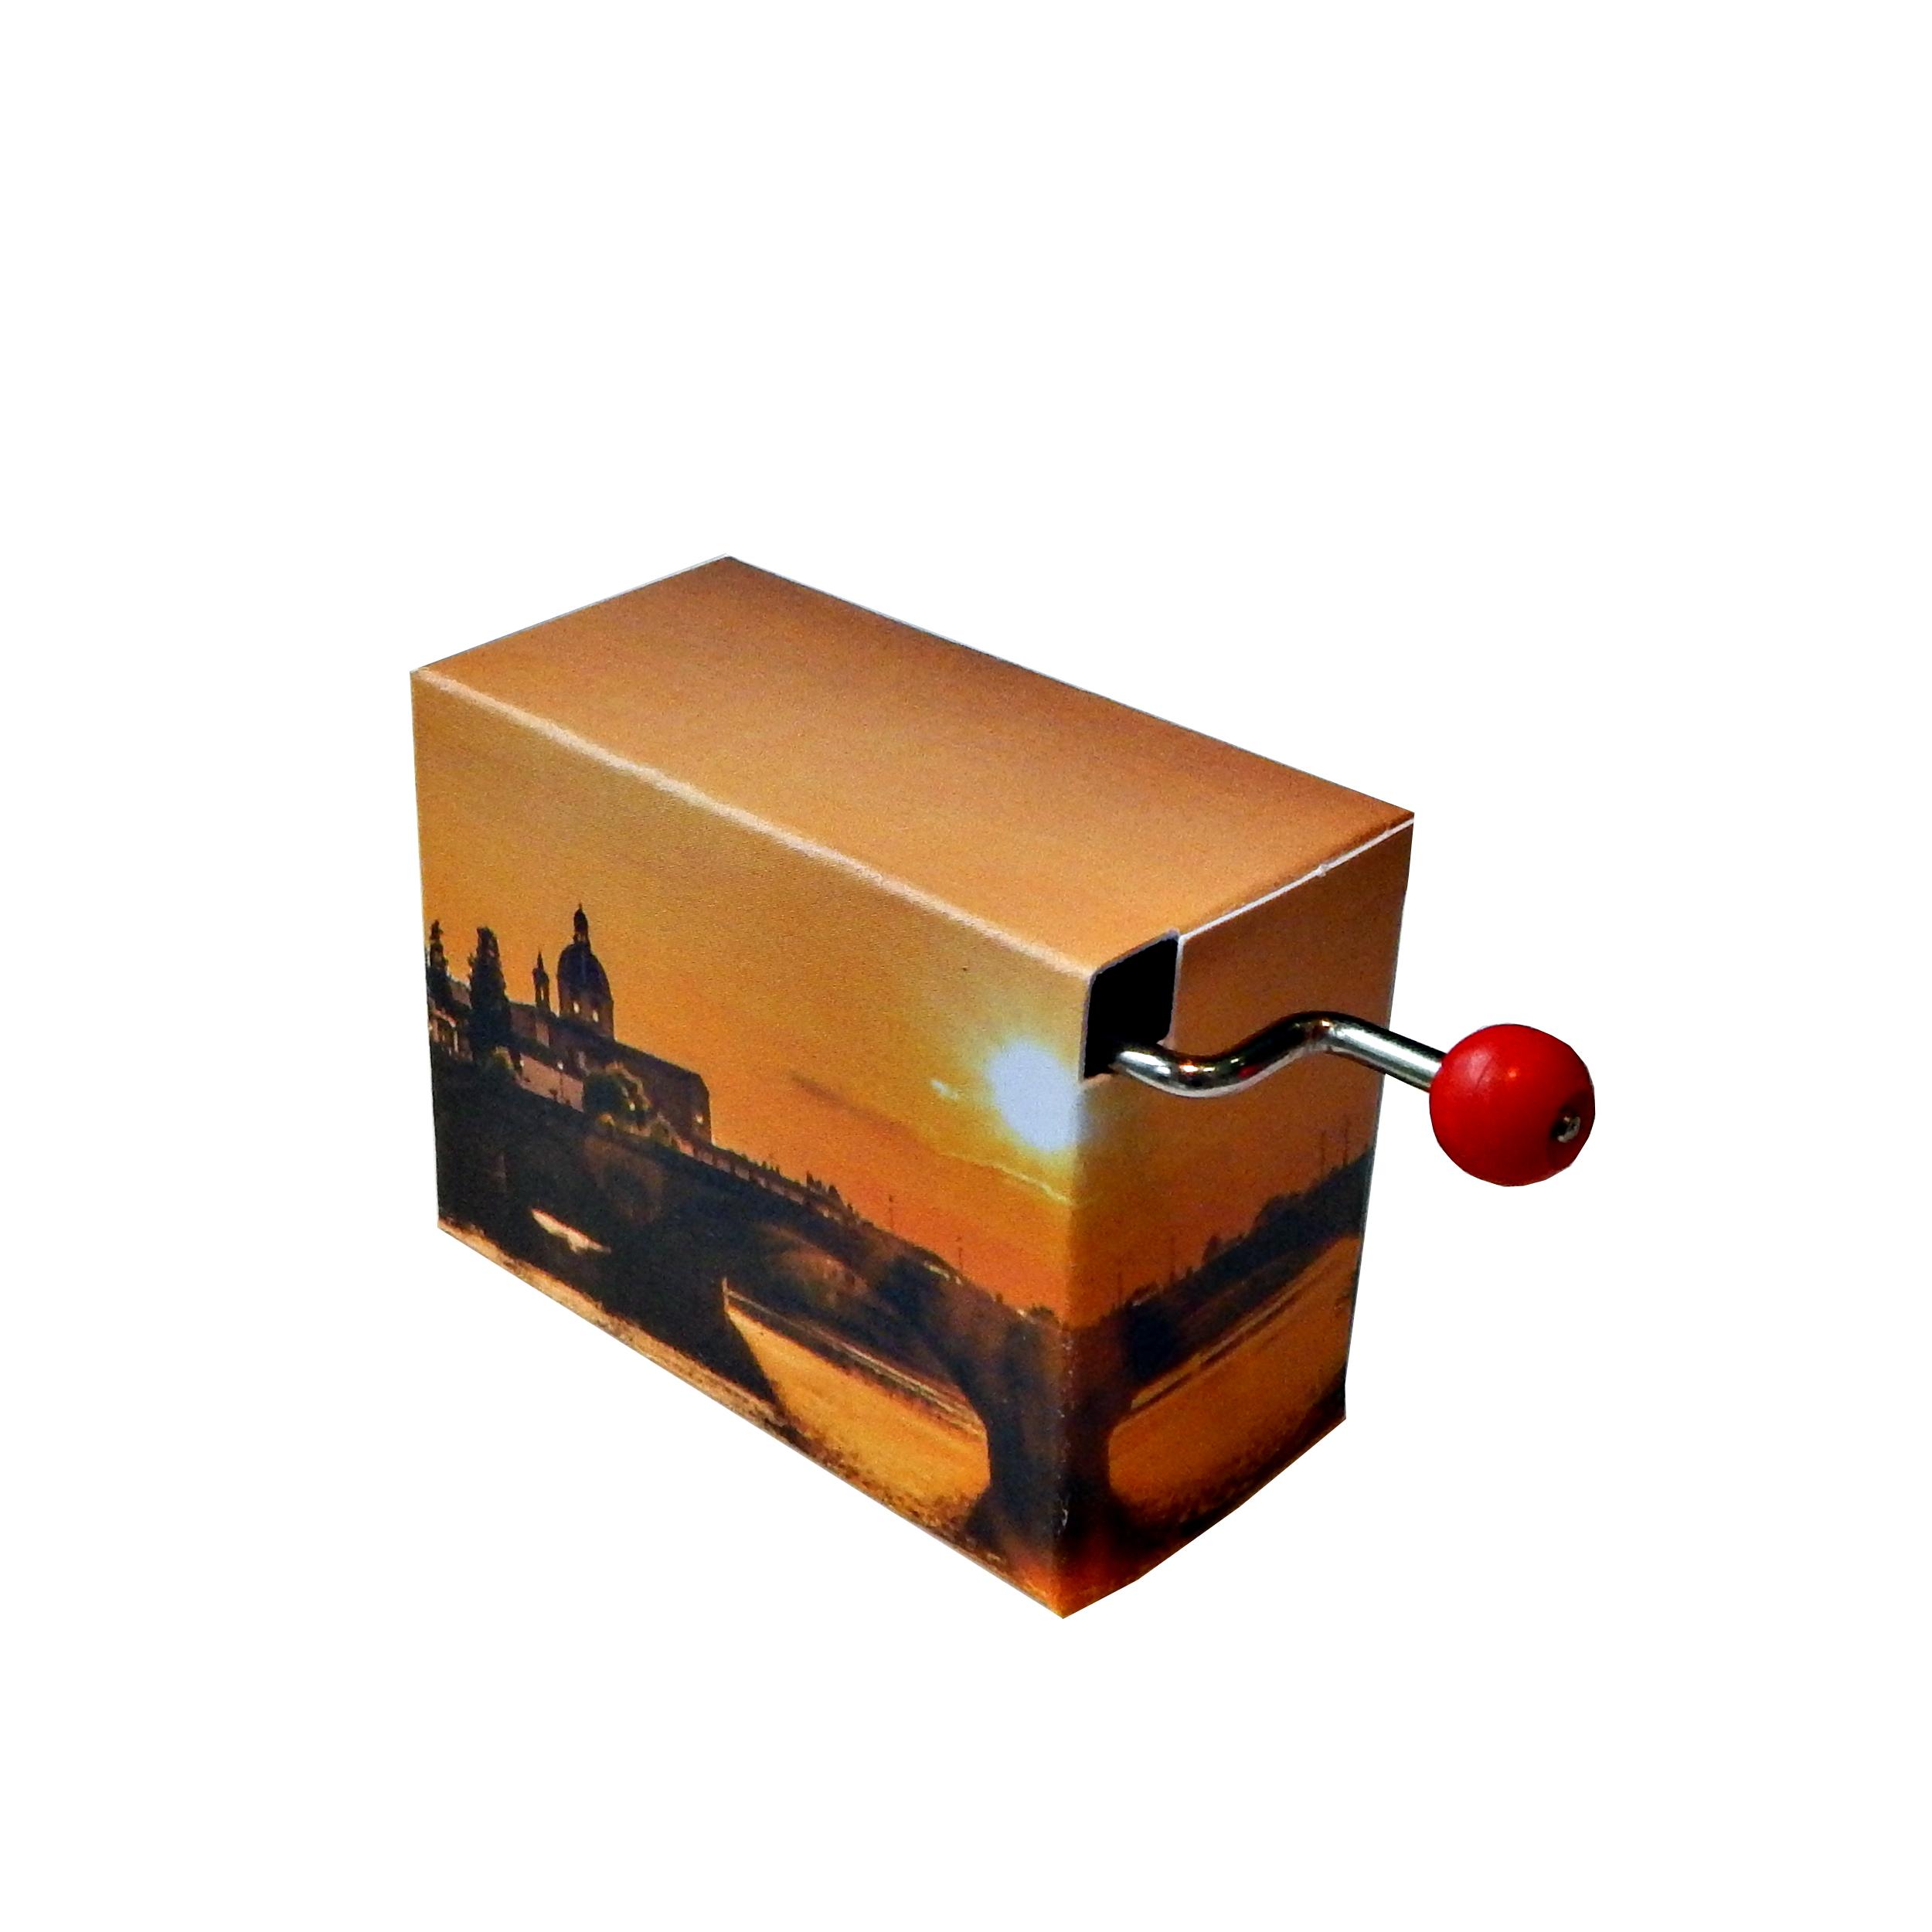 hand crank music box - O sole mio